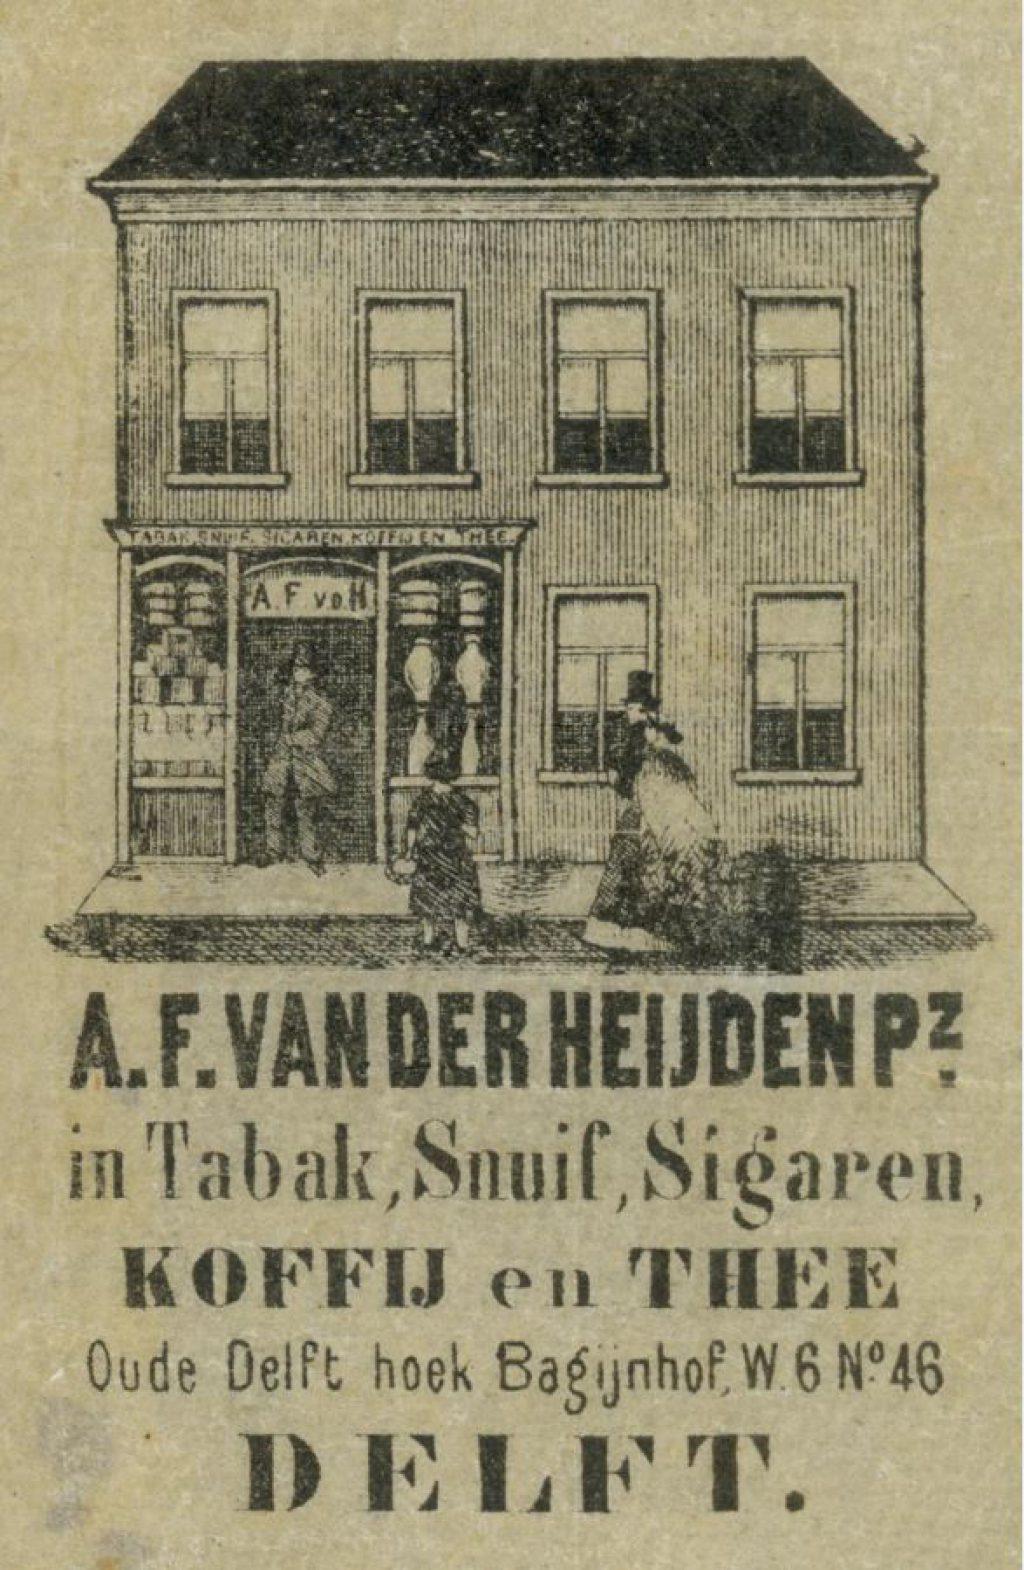 Tabakszakje A.F. van der Heijden Oude Delft hoek Bagijnhof, ca. 1870. (TMS 23982)